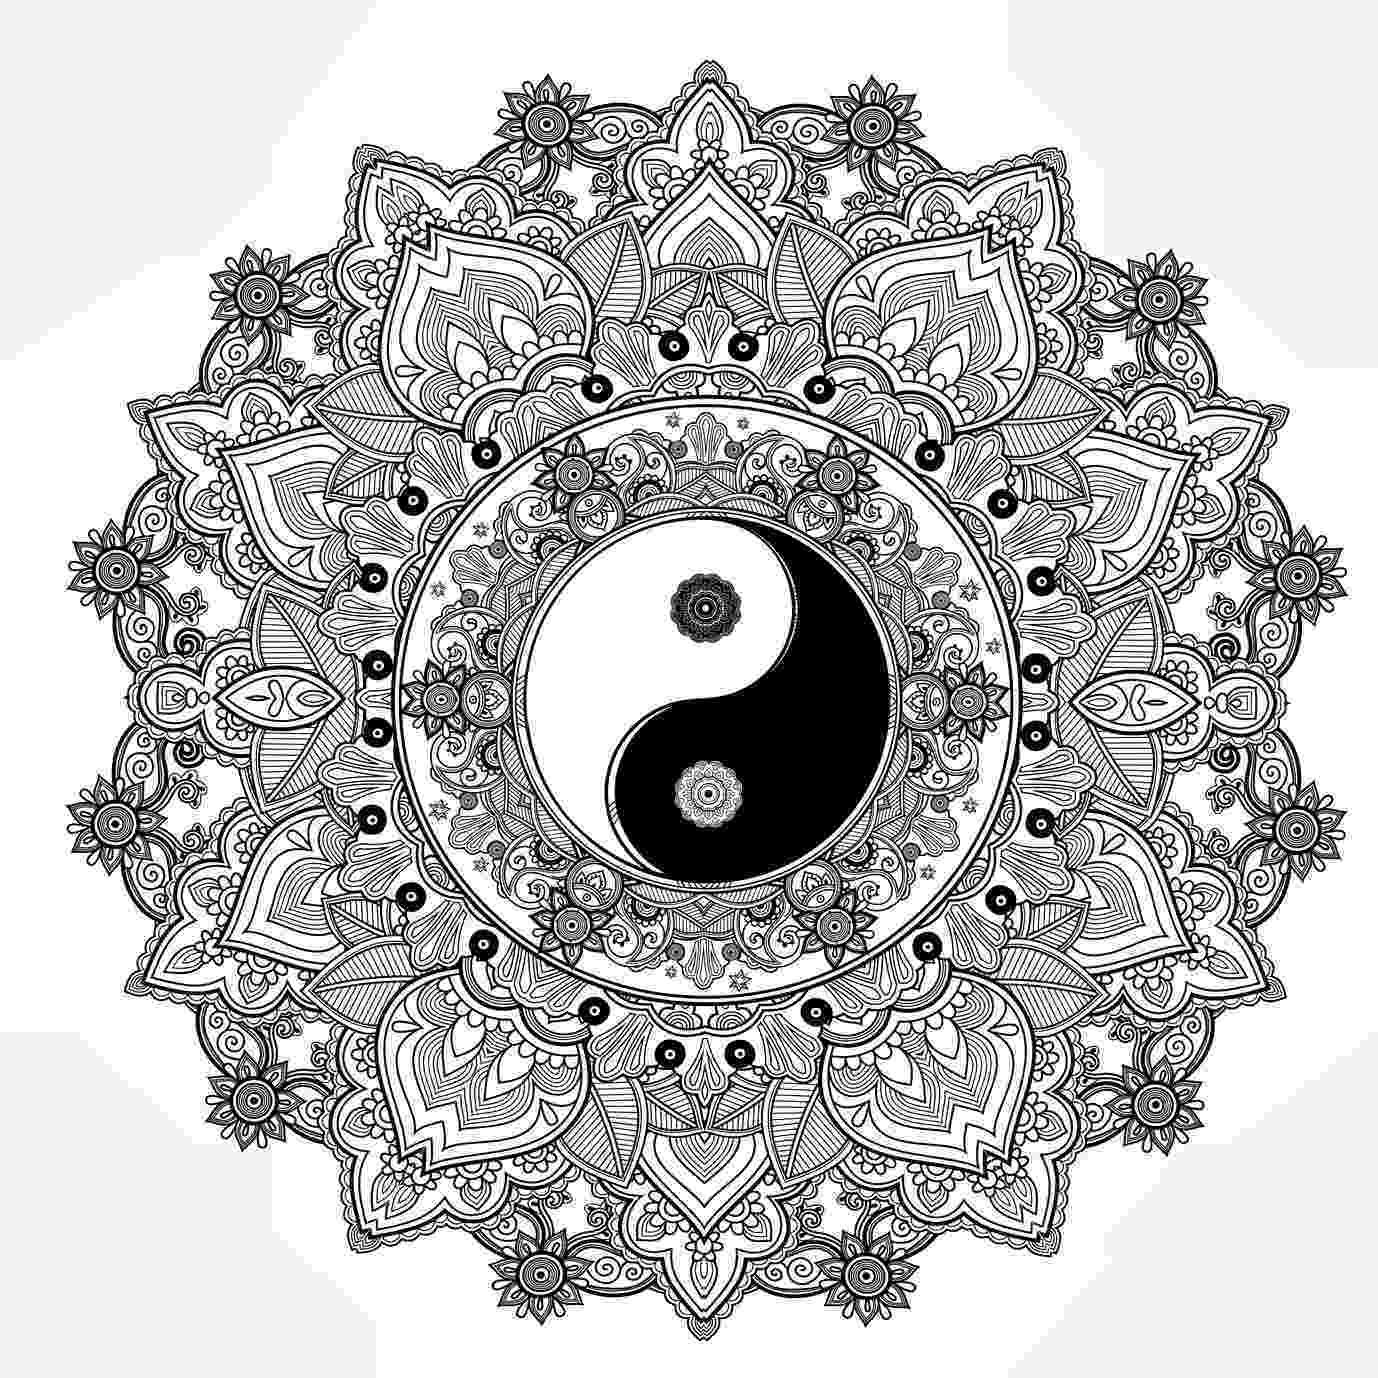 ying yang coloring pages yin y yang ϓᎥᑎϓᗋᑎ゚ ԑɜmandala para pages ying yang coloring